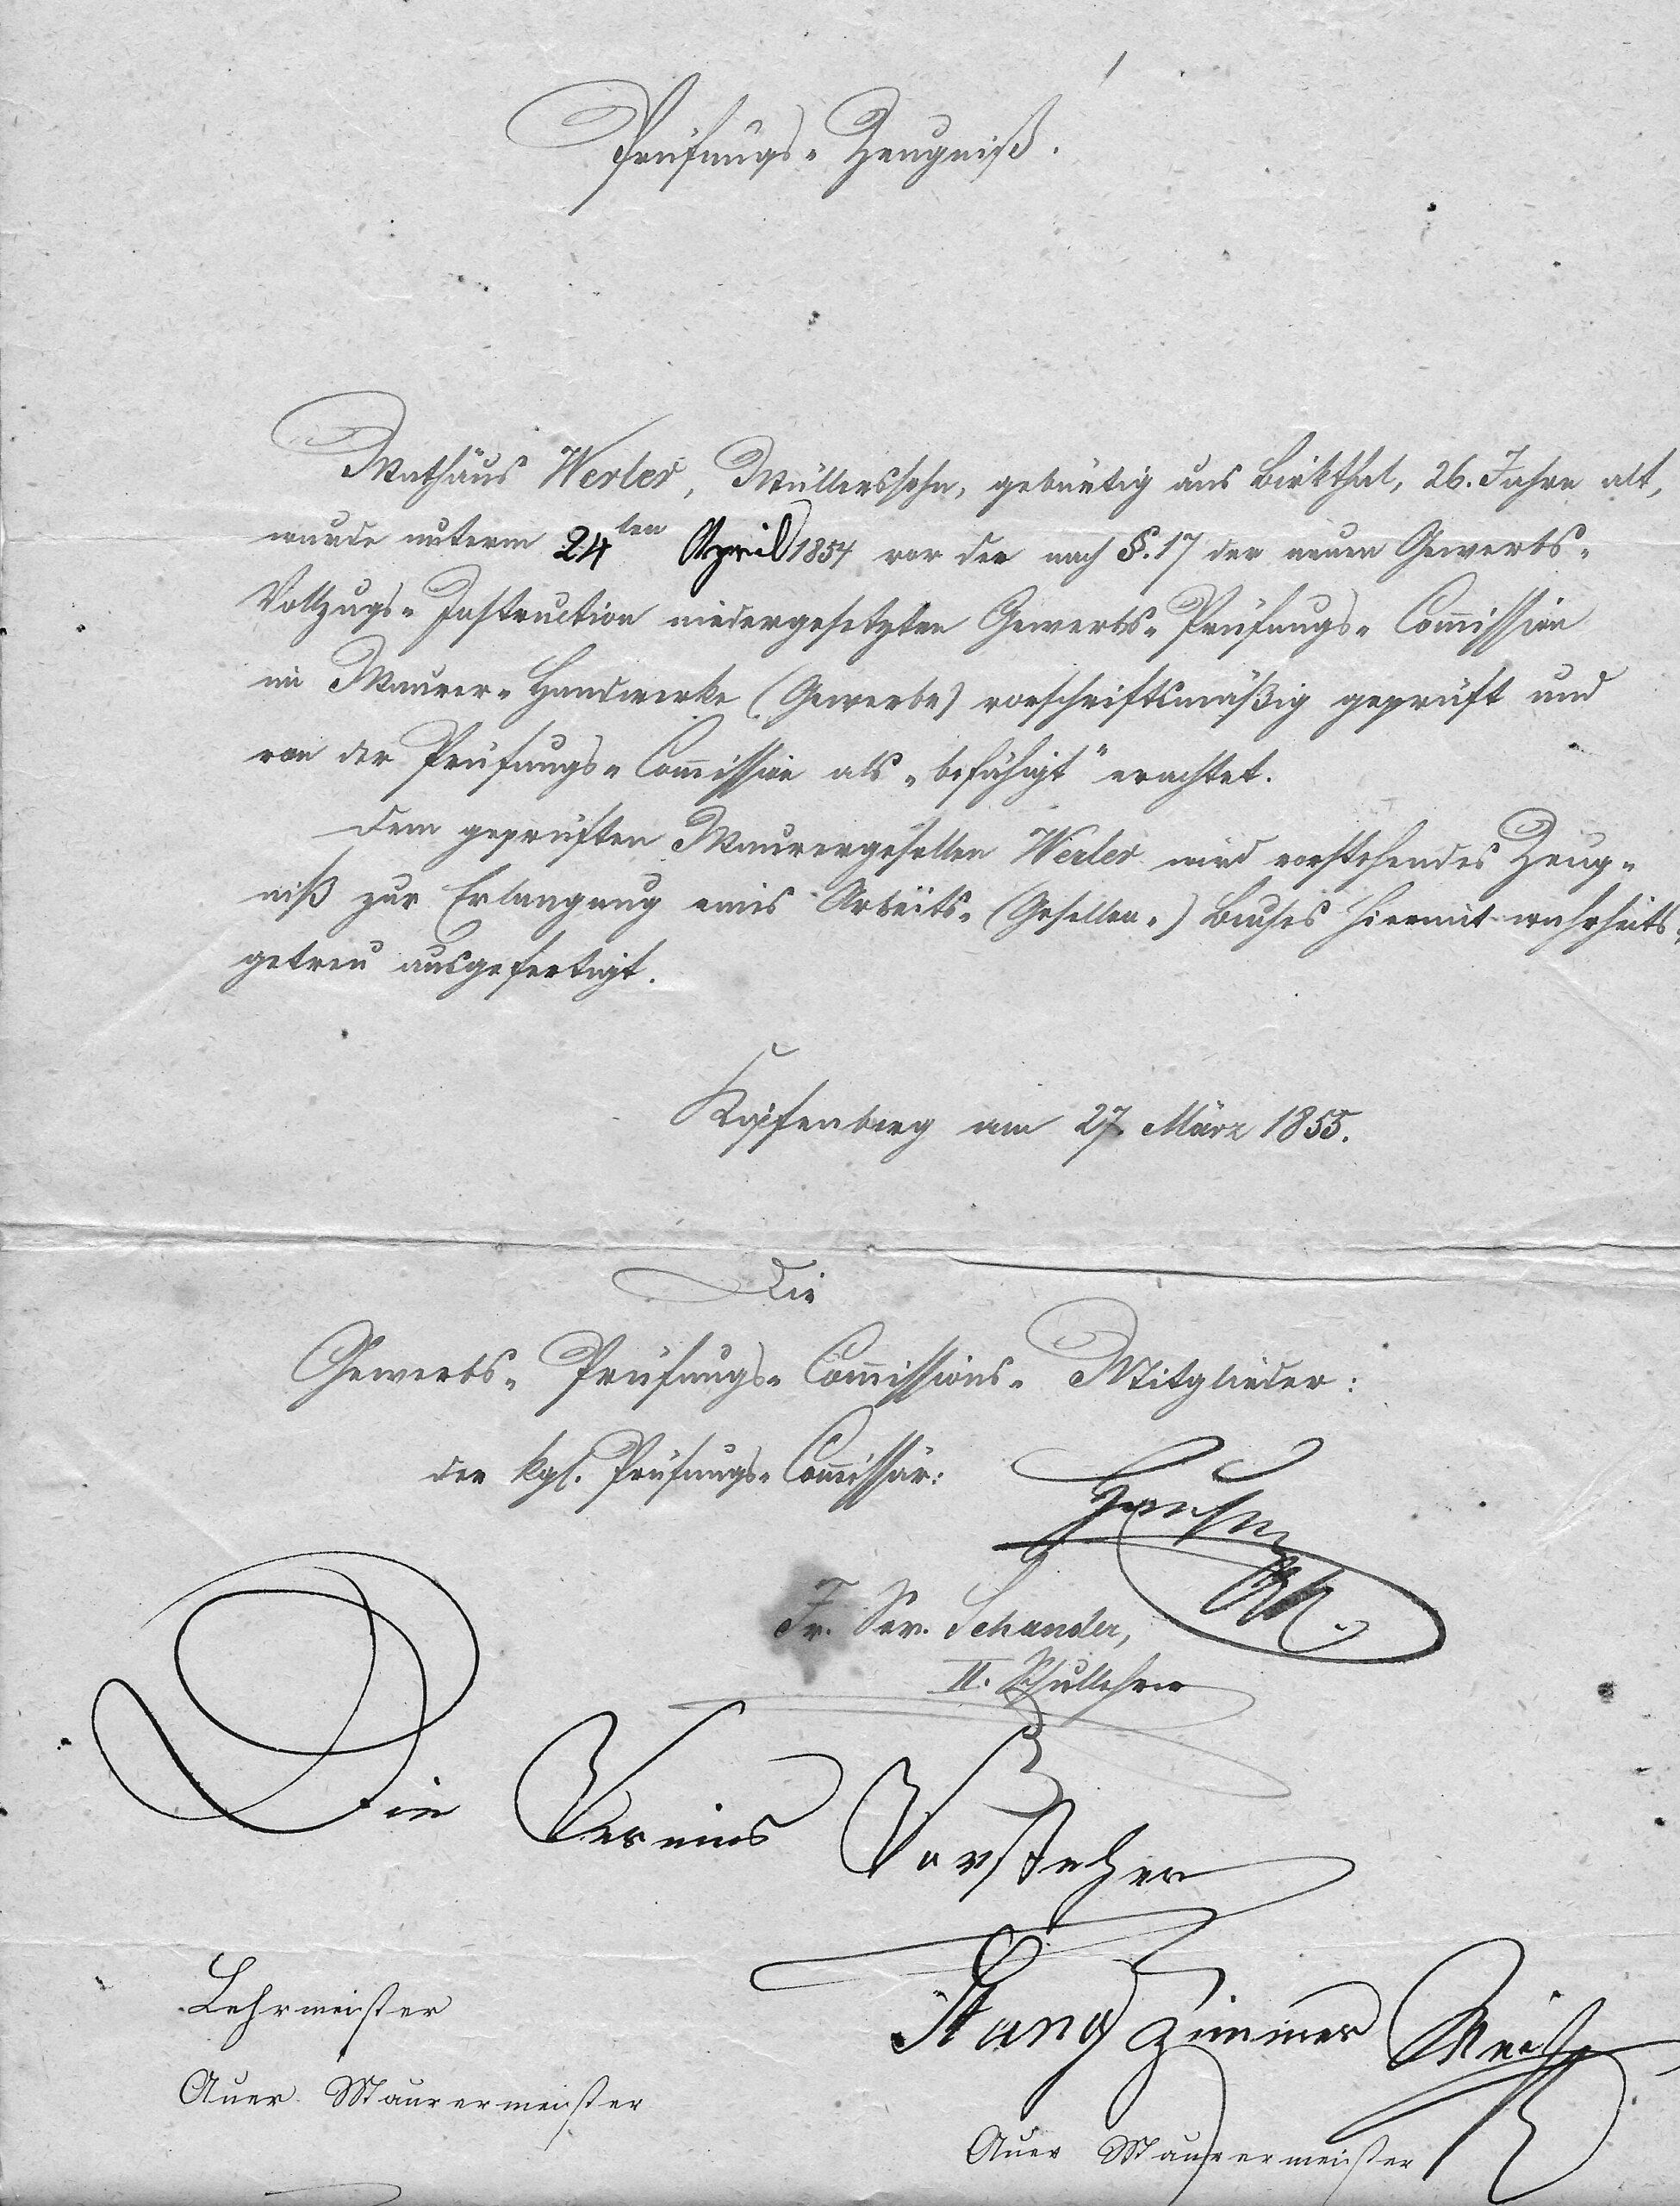 1 Prüfung Werler 1855 Org Ettle